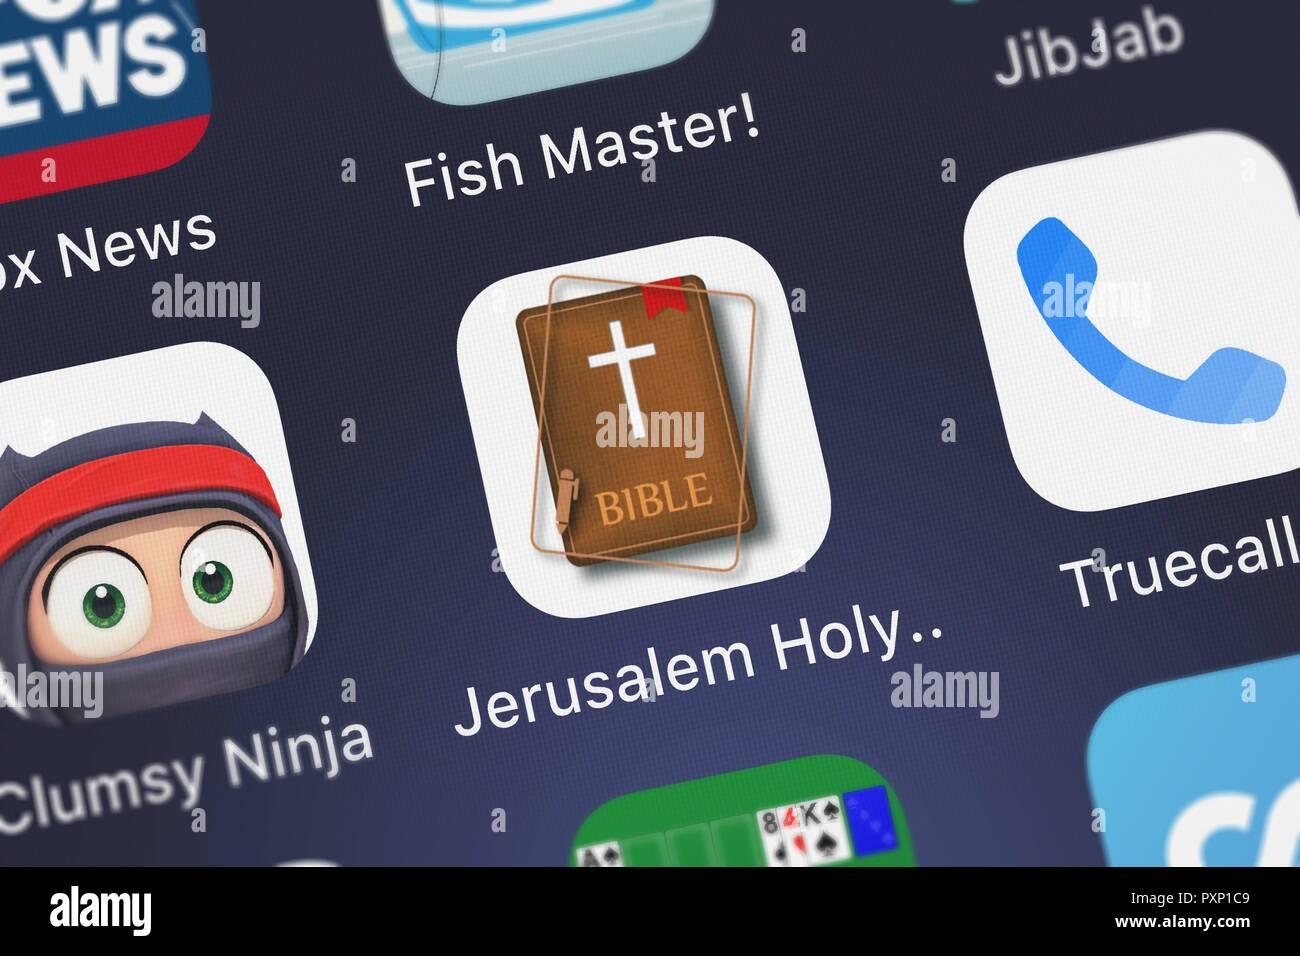 Jerusalem Holy Bible Roman Catholic Audio Bible Stock Photos